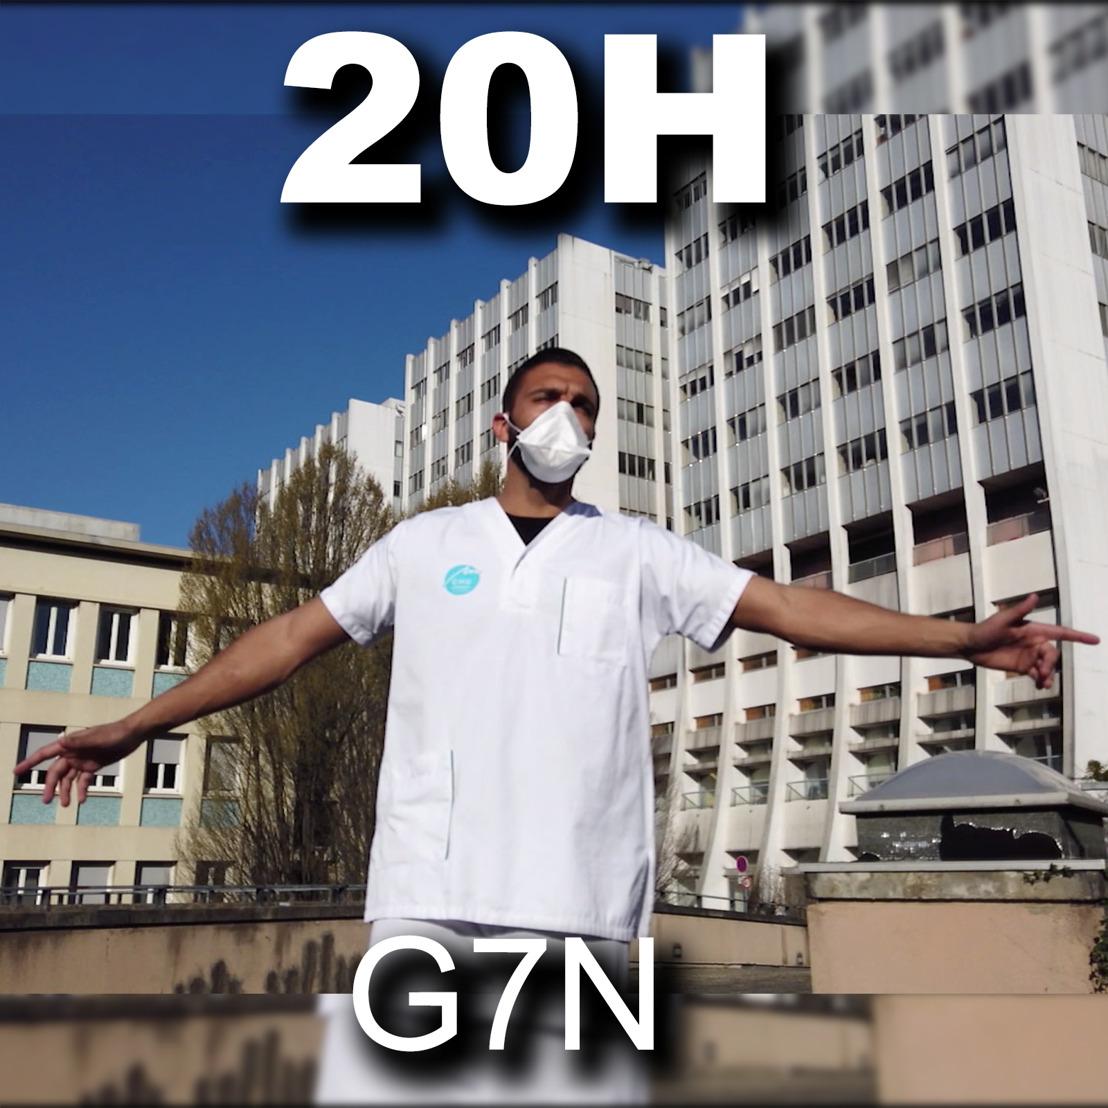 G7N : Leur titre 20H, un bel hommage au personnel soignant travaillant avec courage et sans relâche depuis le début de la crise sanitaire.